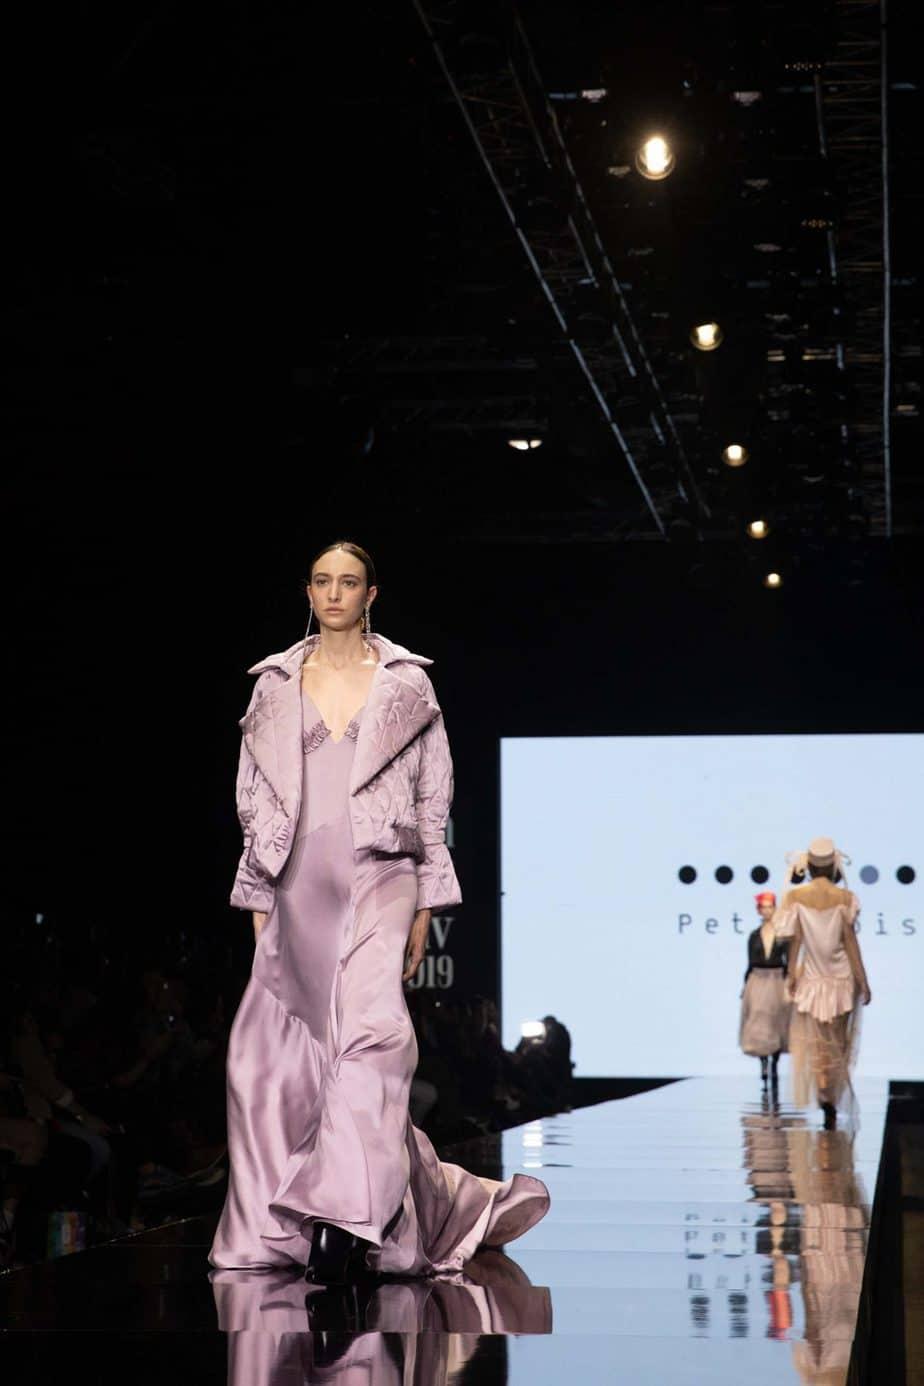 חממת מפעל הפיס. שבוע האופנה תל אביב 2019. צילום עומר קפלן - 15